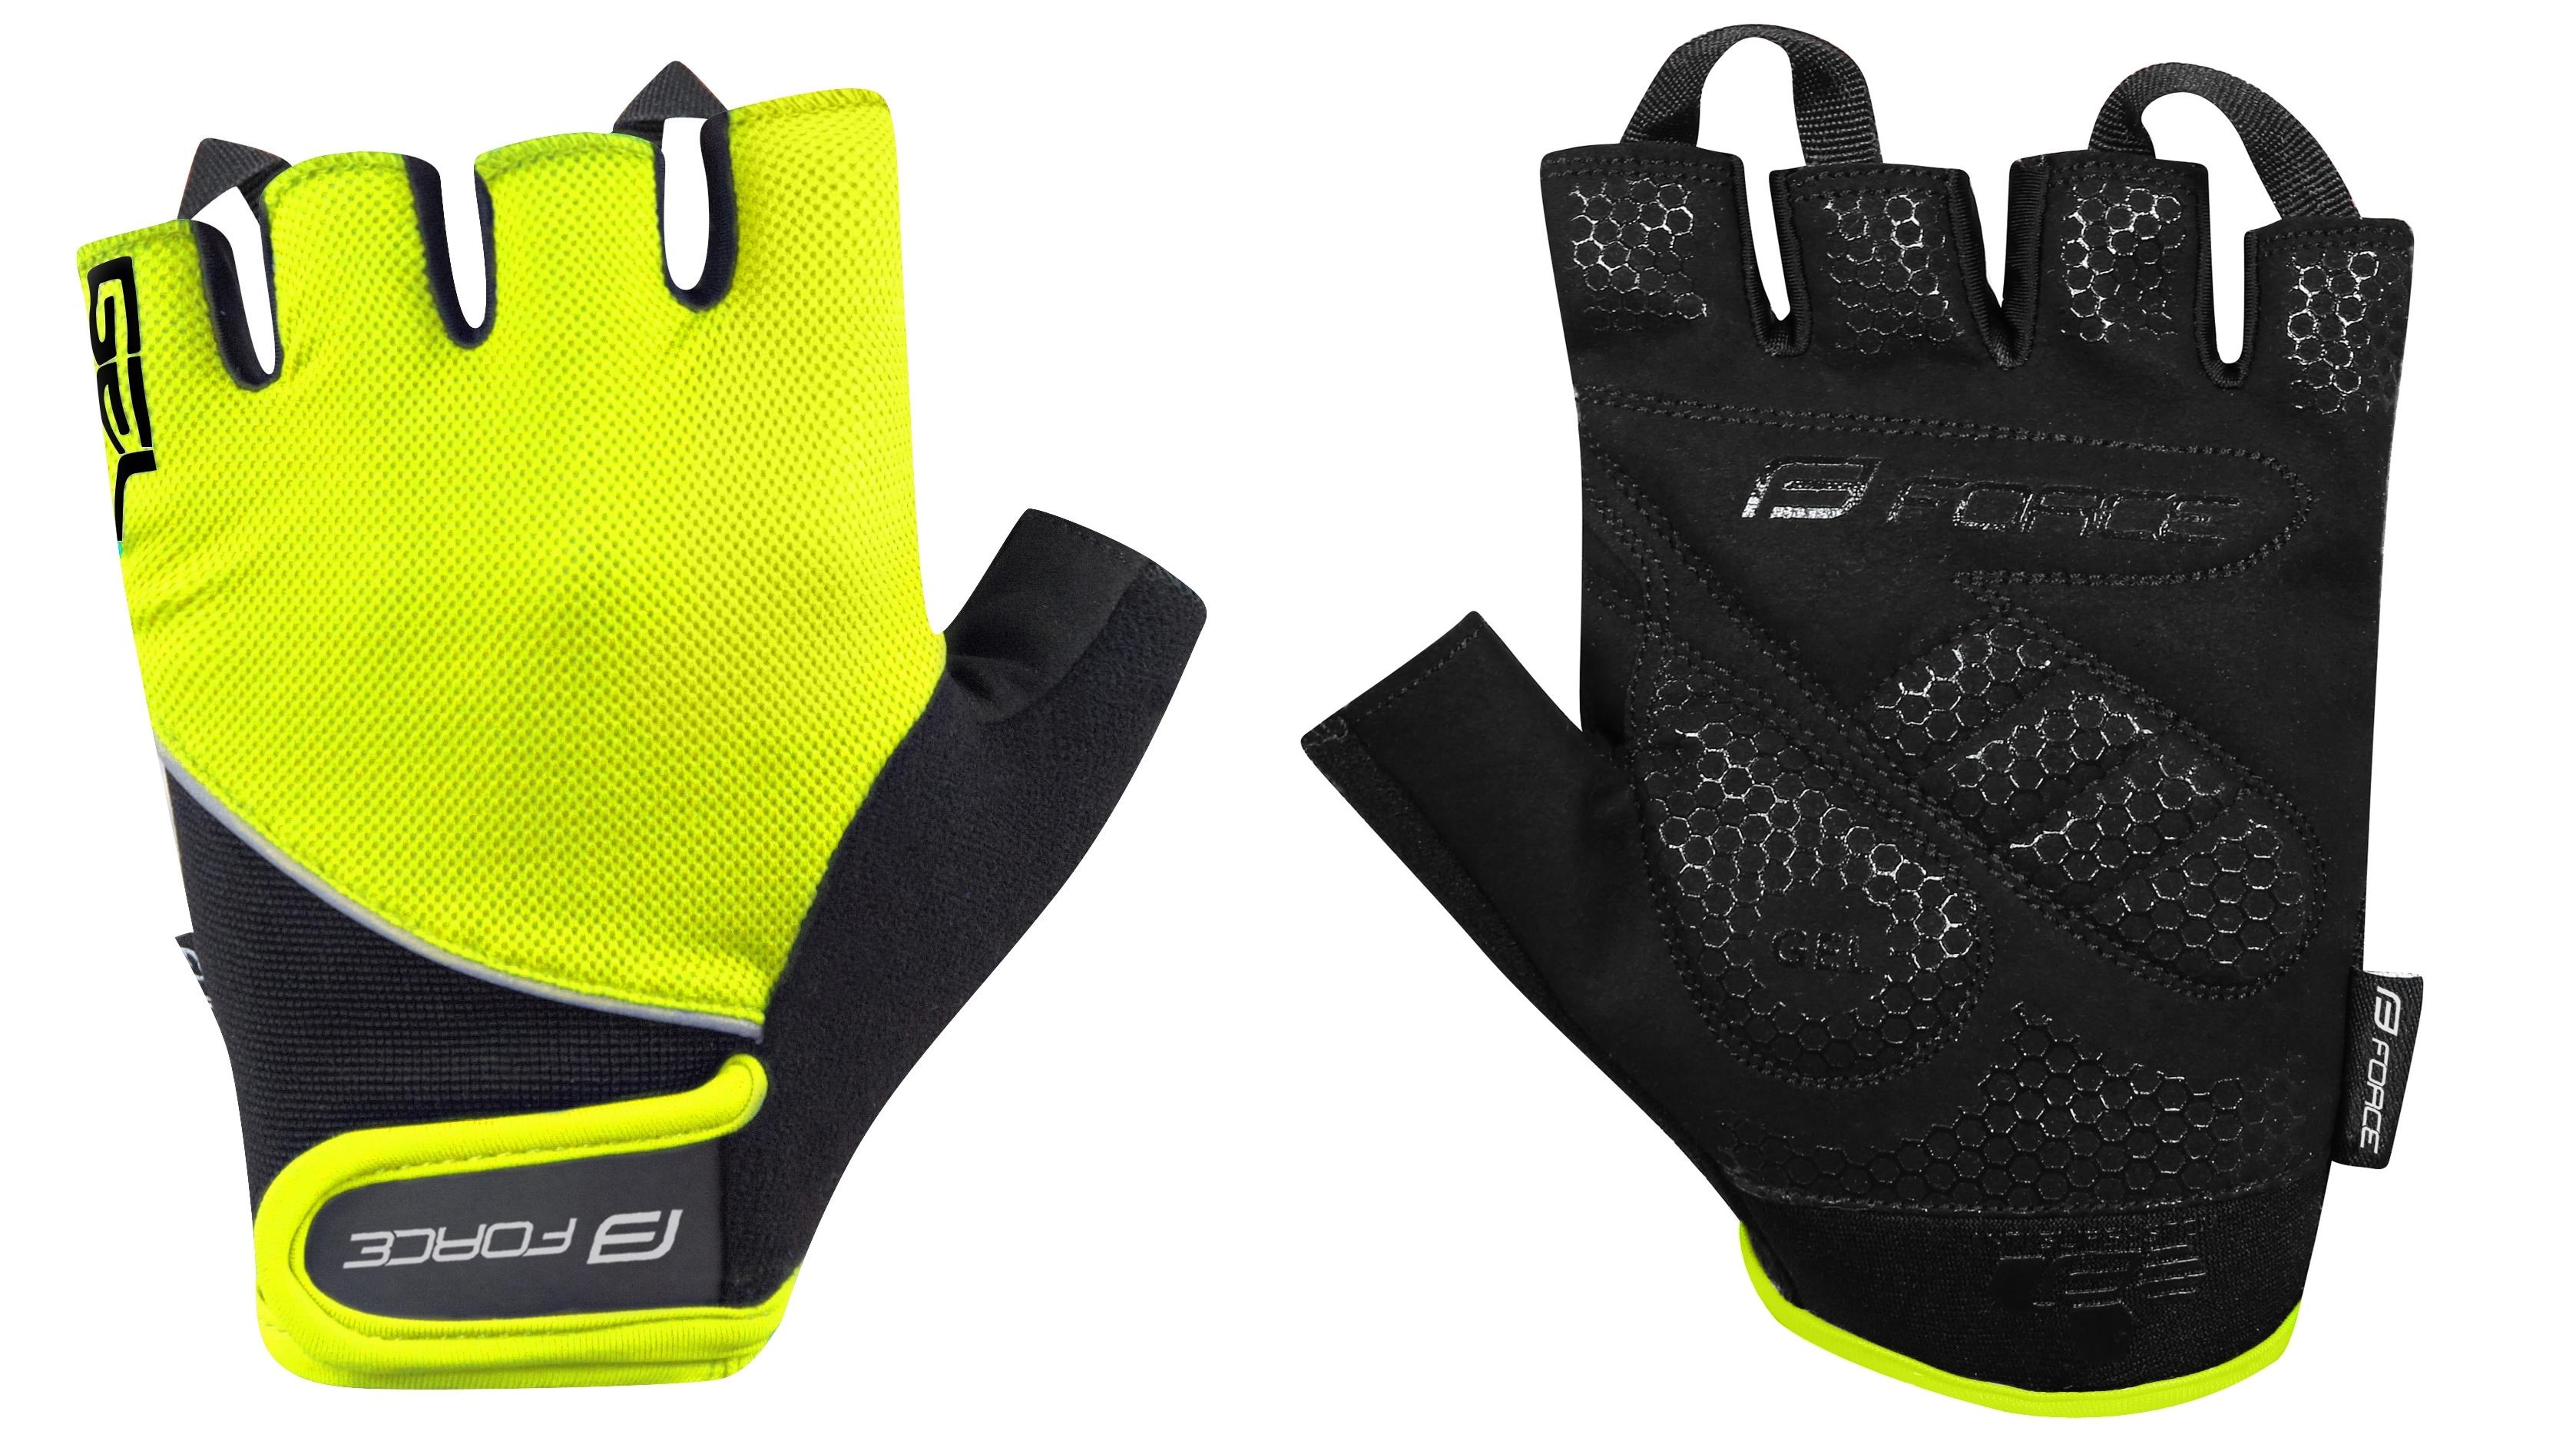 rukavice FORCE GEL, fluo-černé XL